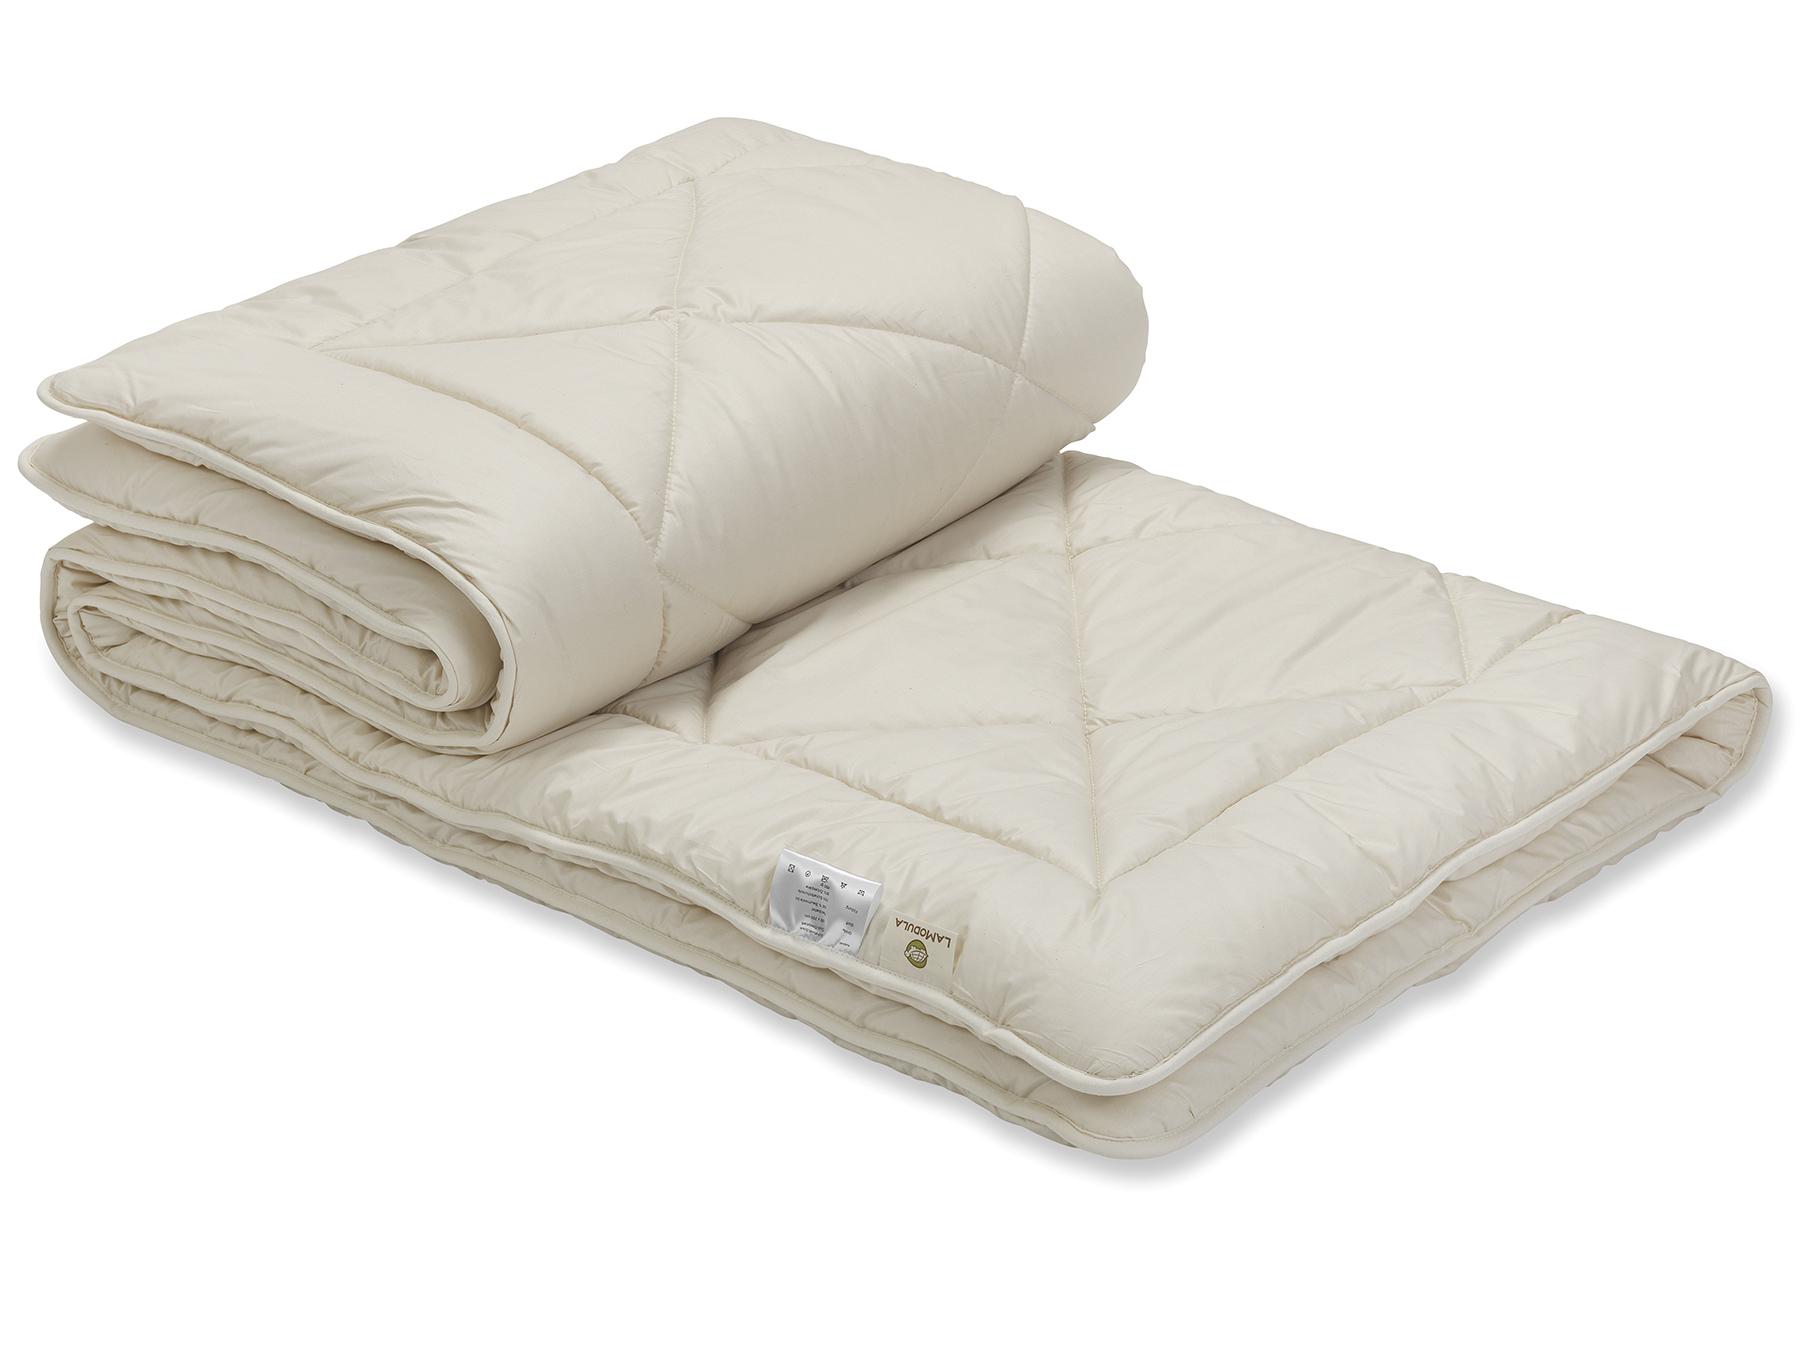 Bei der Duo-Variante sind zwei leichte Decken miteinander versteppt.